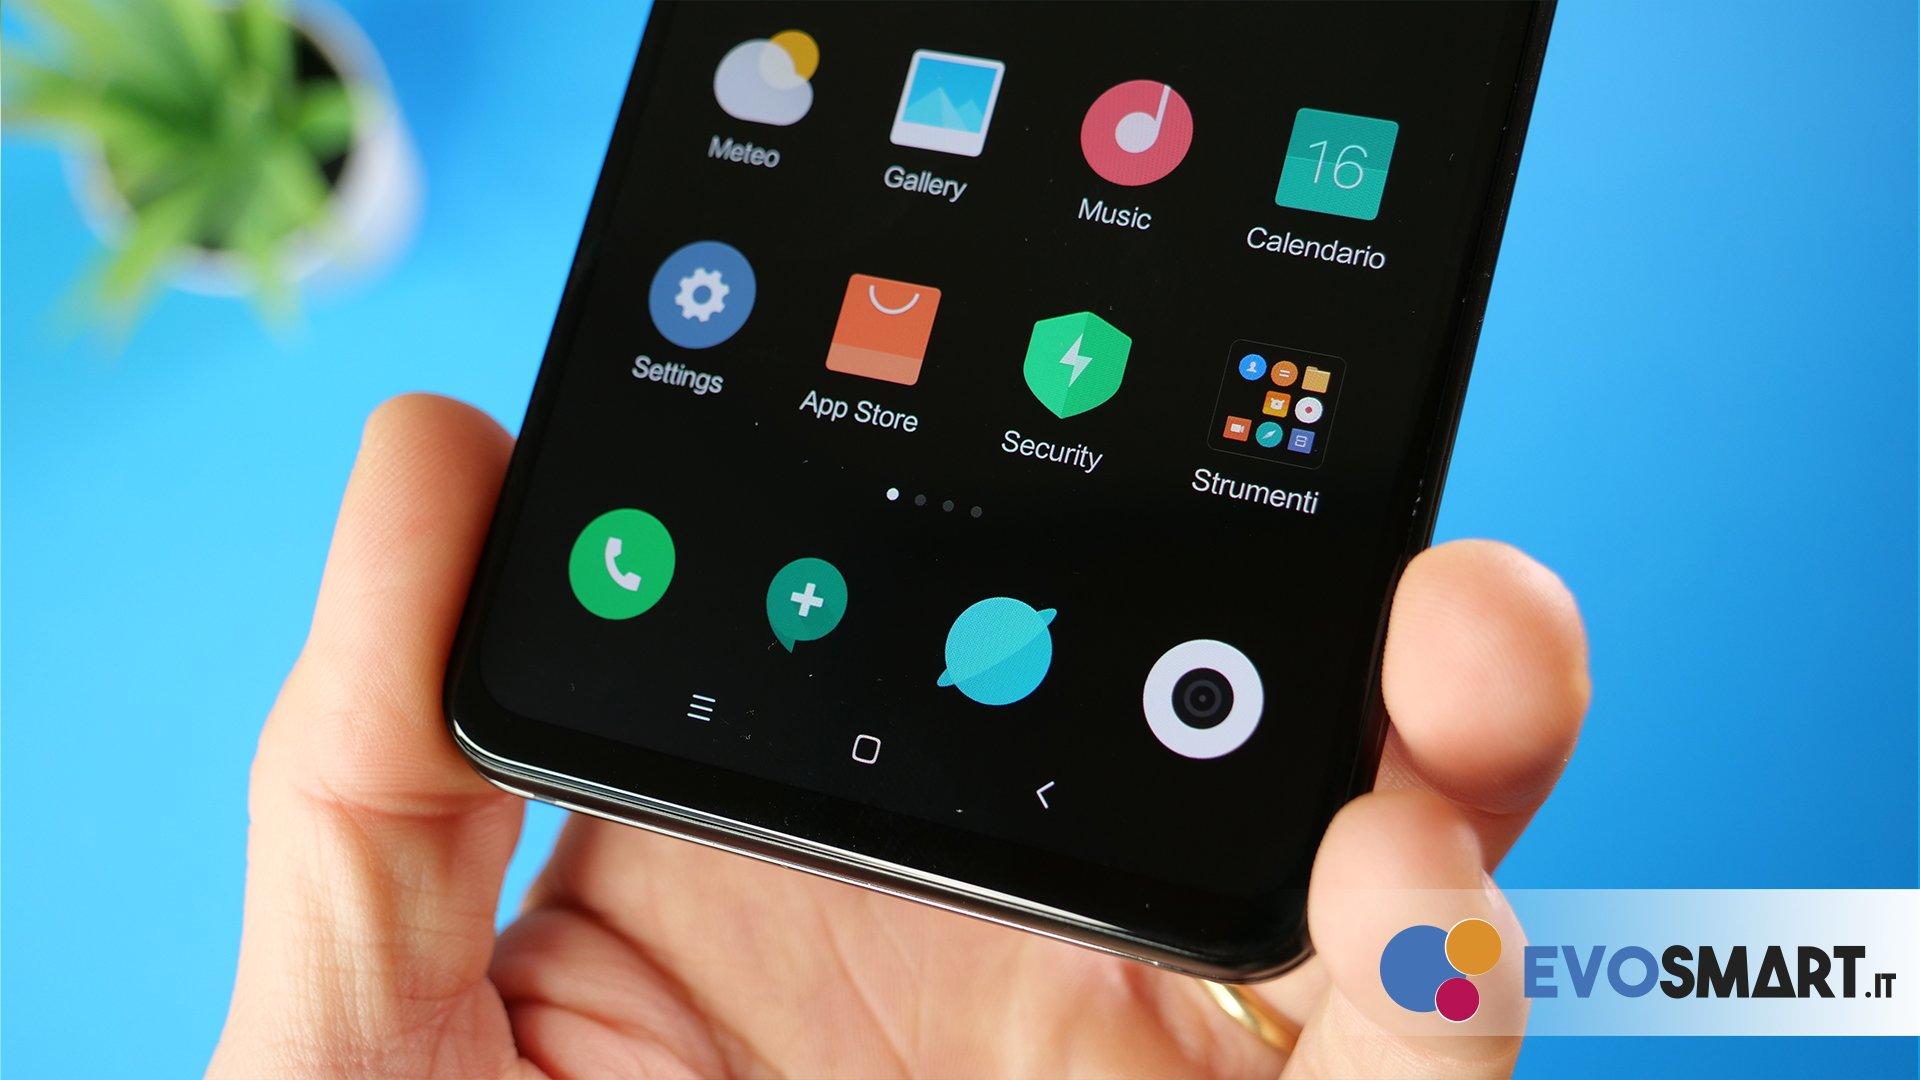 Xiaomi: vào ngày 24 tháng 9, Mi MIX đã ra mắt 4 và MIUI 11 một lần nữa